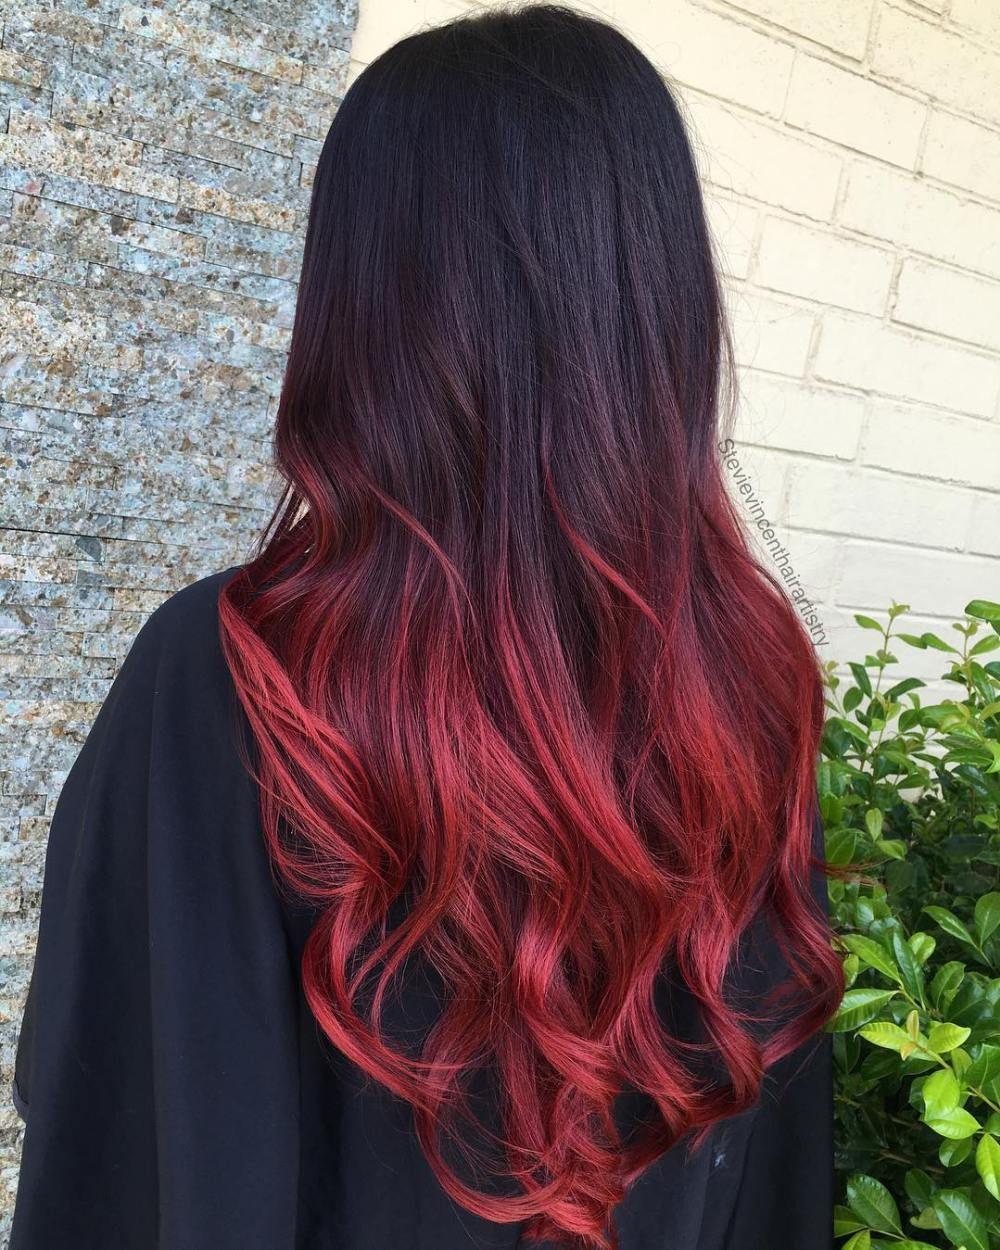 Red And Black Hair Color Ideas Hairminia Hair Color For Black Hair Wine Hair Color Vibrant Red Hair